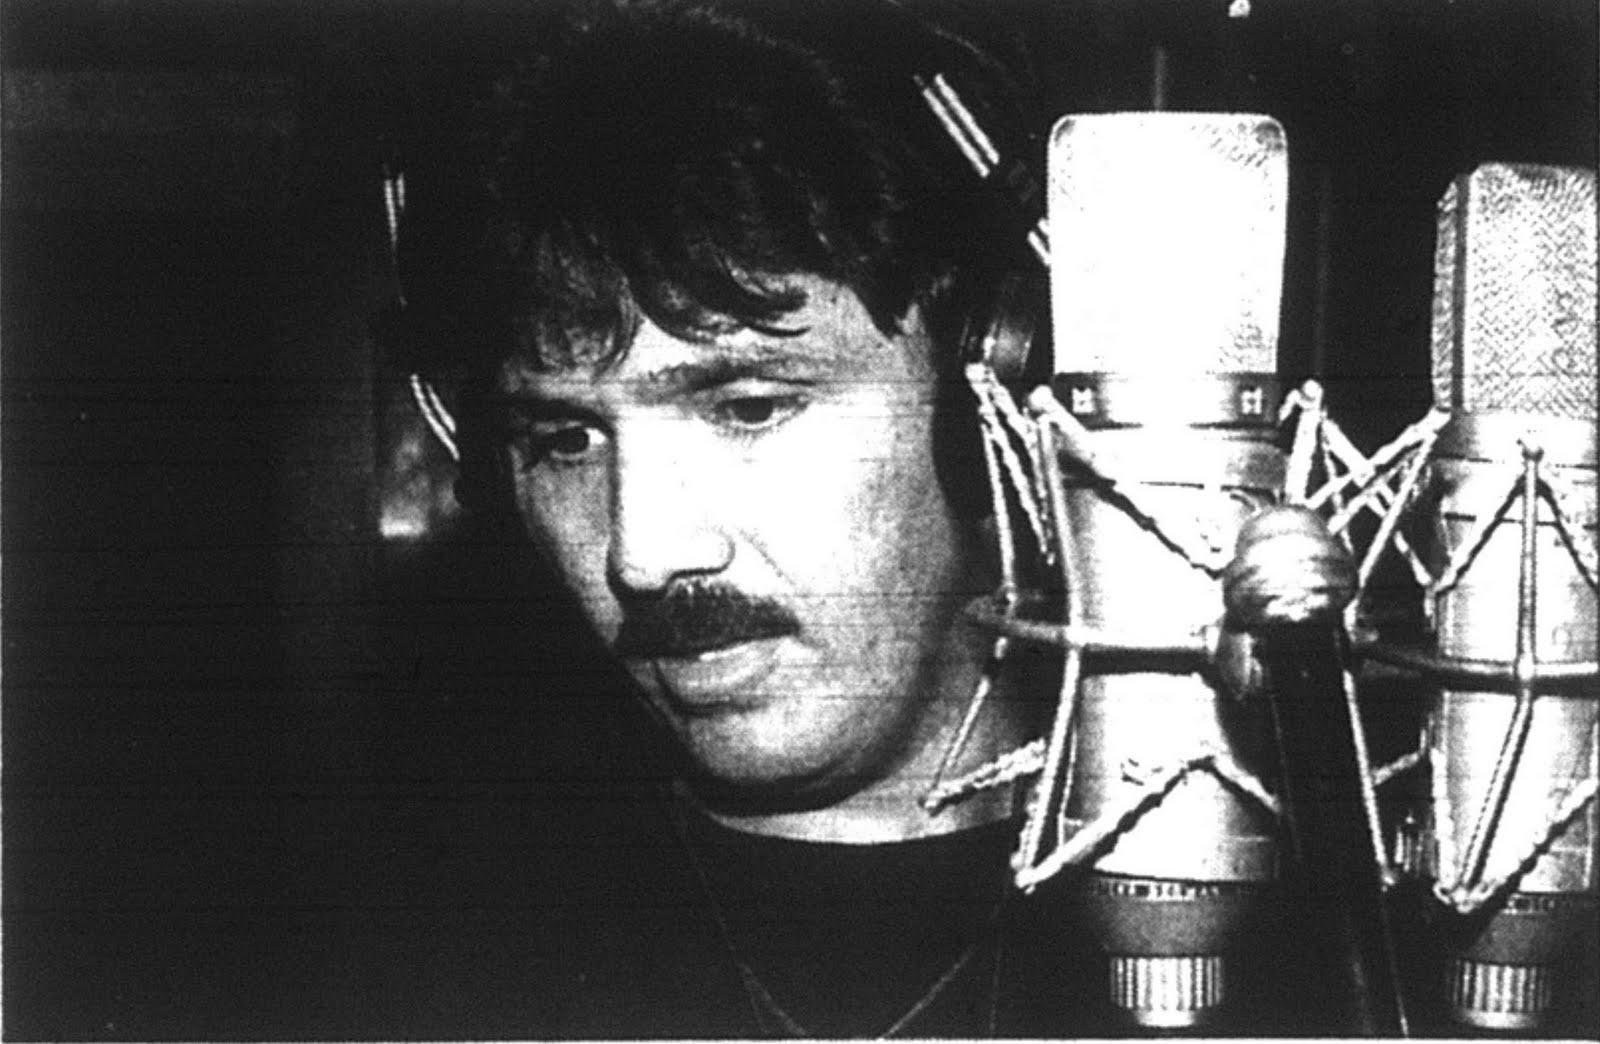 Había nacido en Becerril (Cesar) en 1954 y alcanzó a grabar más de